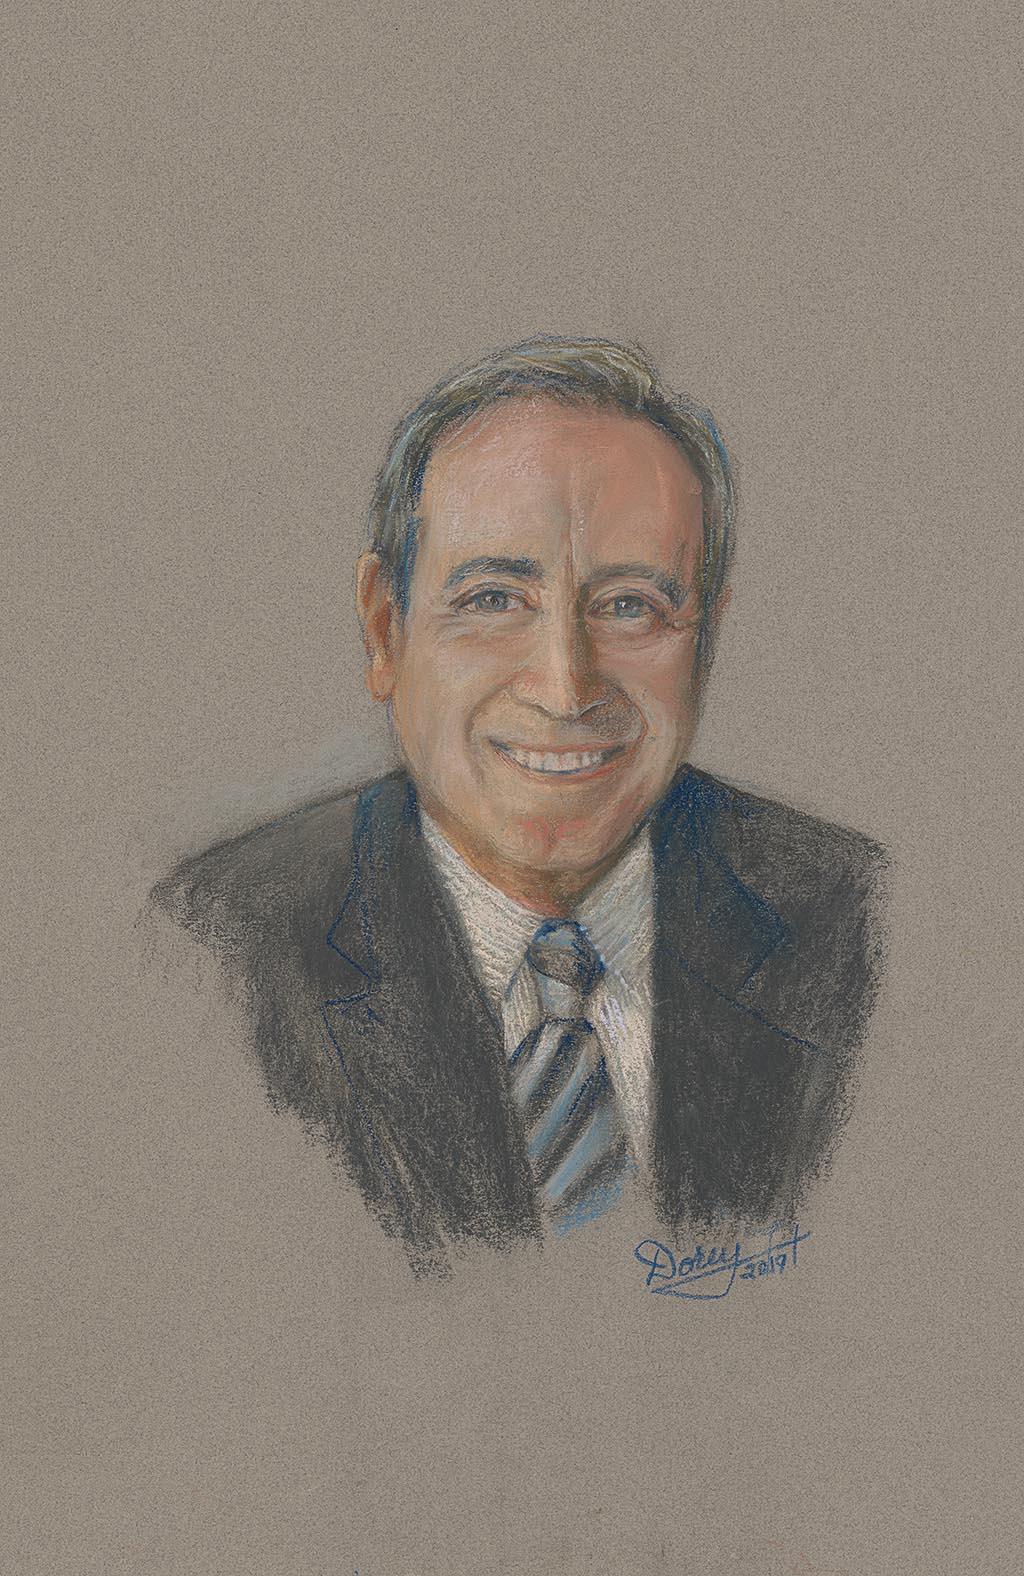 Joe Ramia